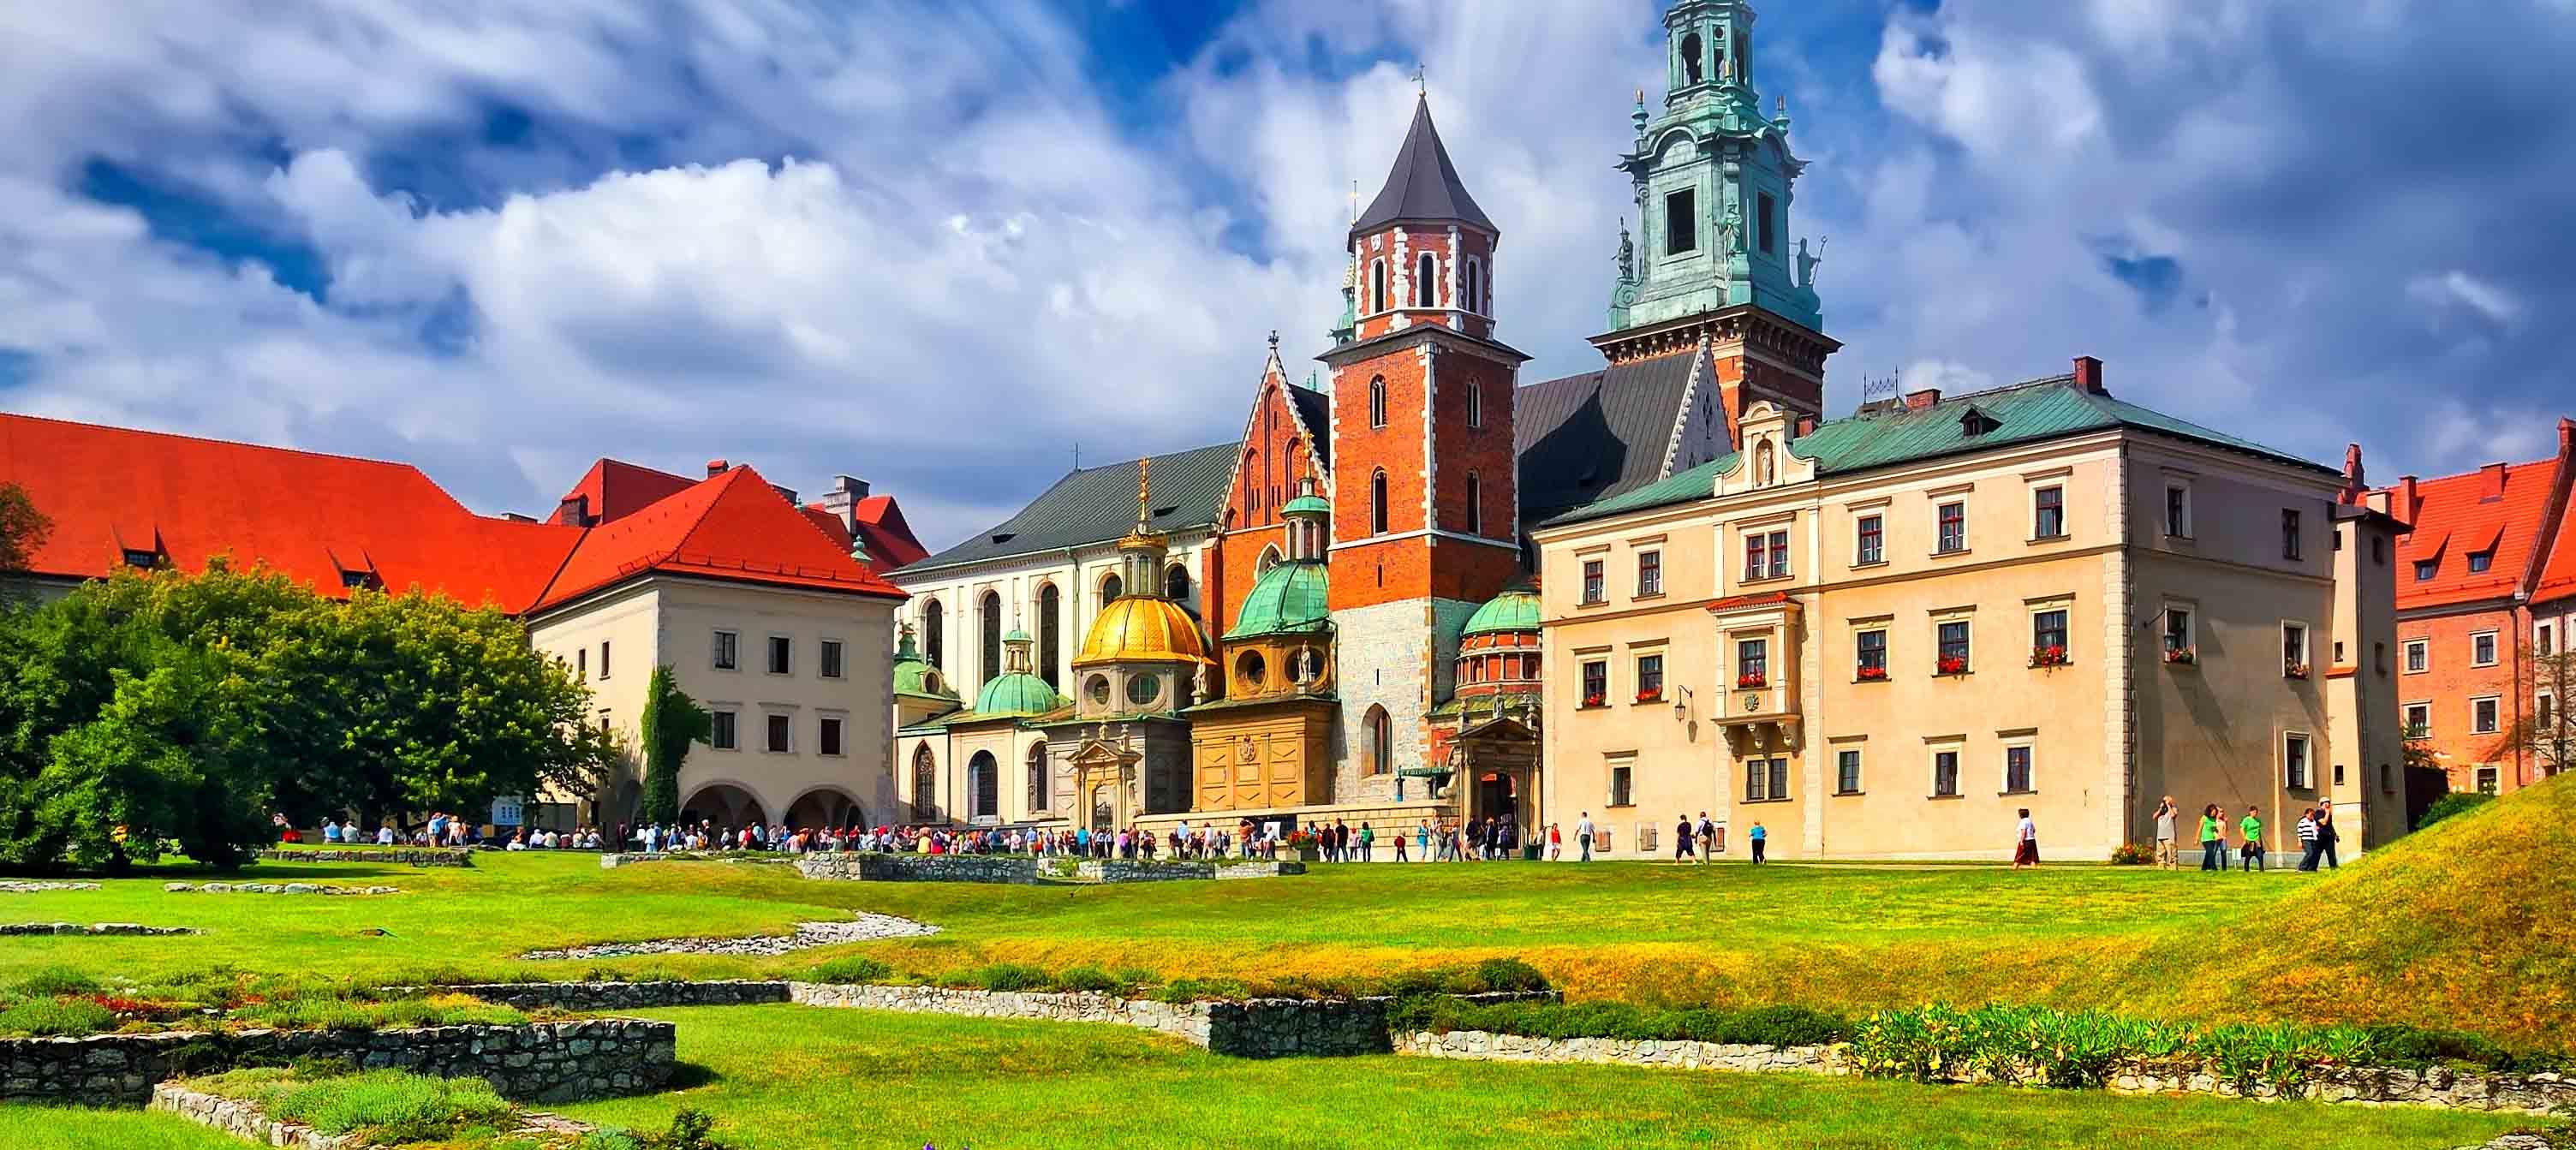 Rejs til Krakow med Kulturrejser Europa